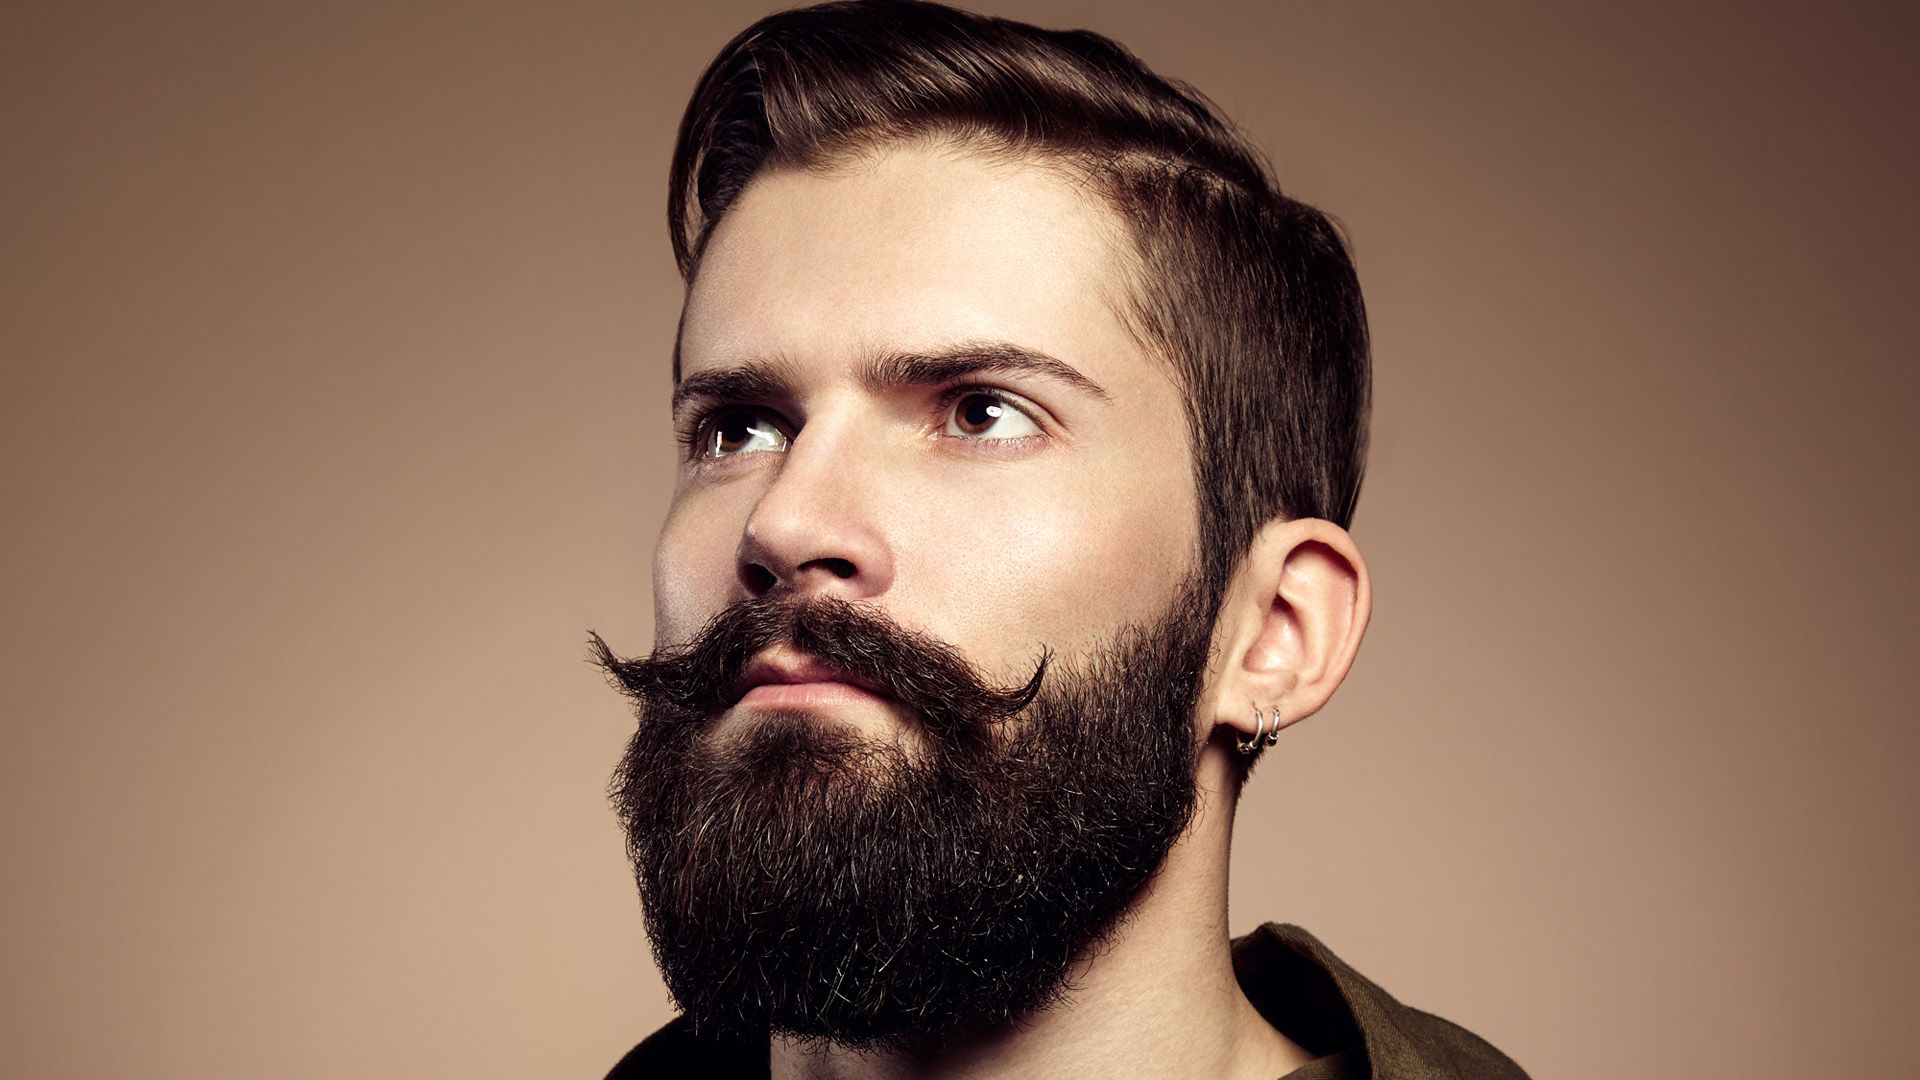 Exceptionnel La barbe | Men..Hombre | Pinterest | La barbe et Barbes XJ94